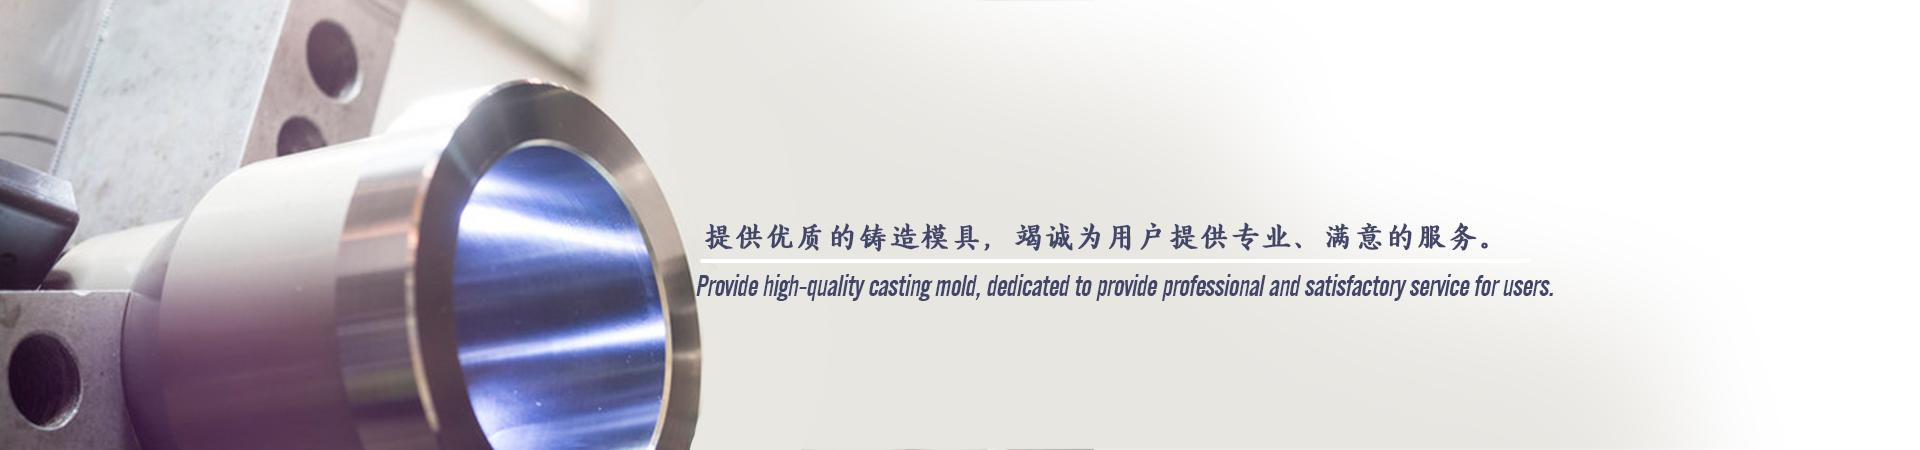 http://www.hchymj.cn/data/upload/202003/20200309184842_987.jpg